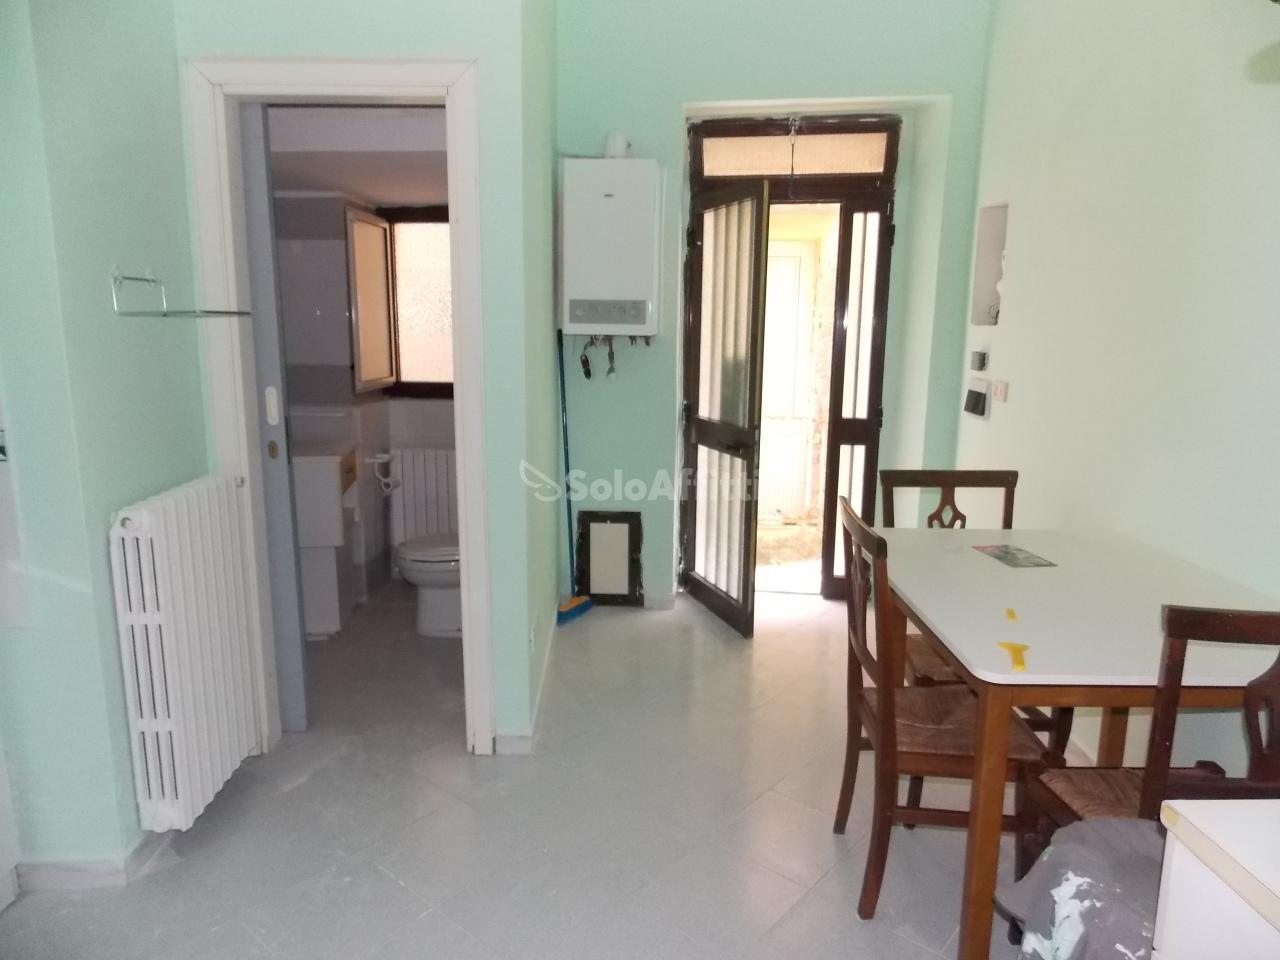 Bilocale in affitto - 40 mq